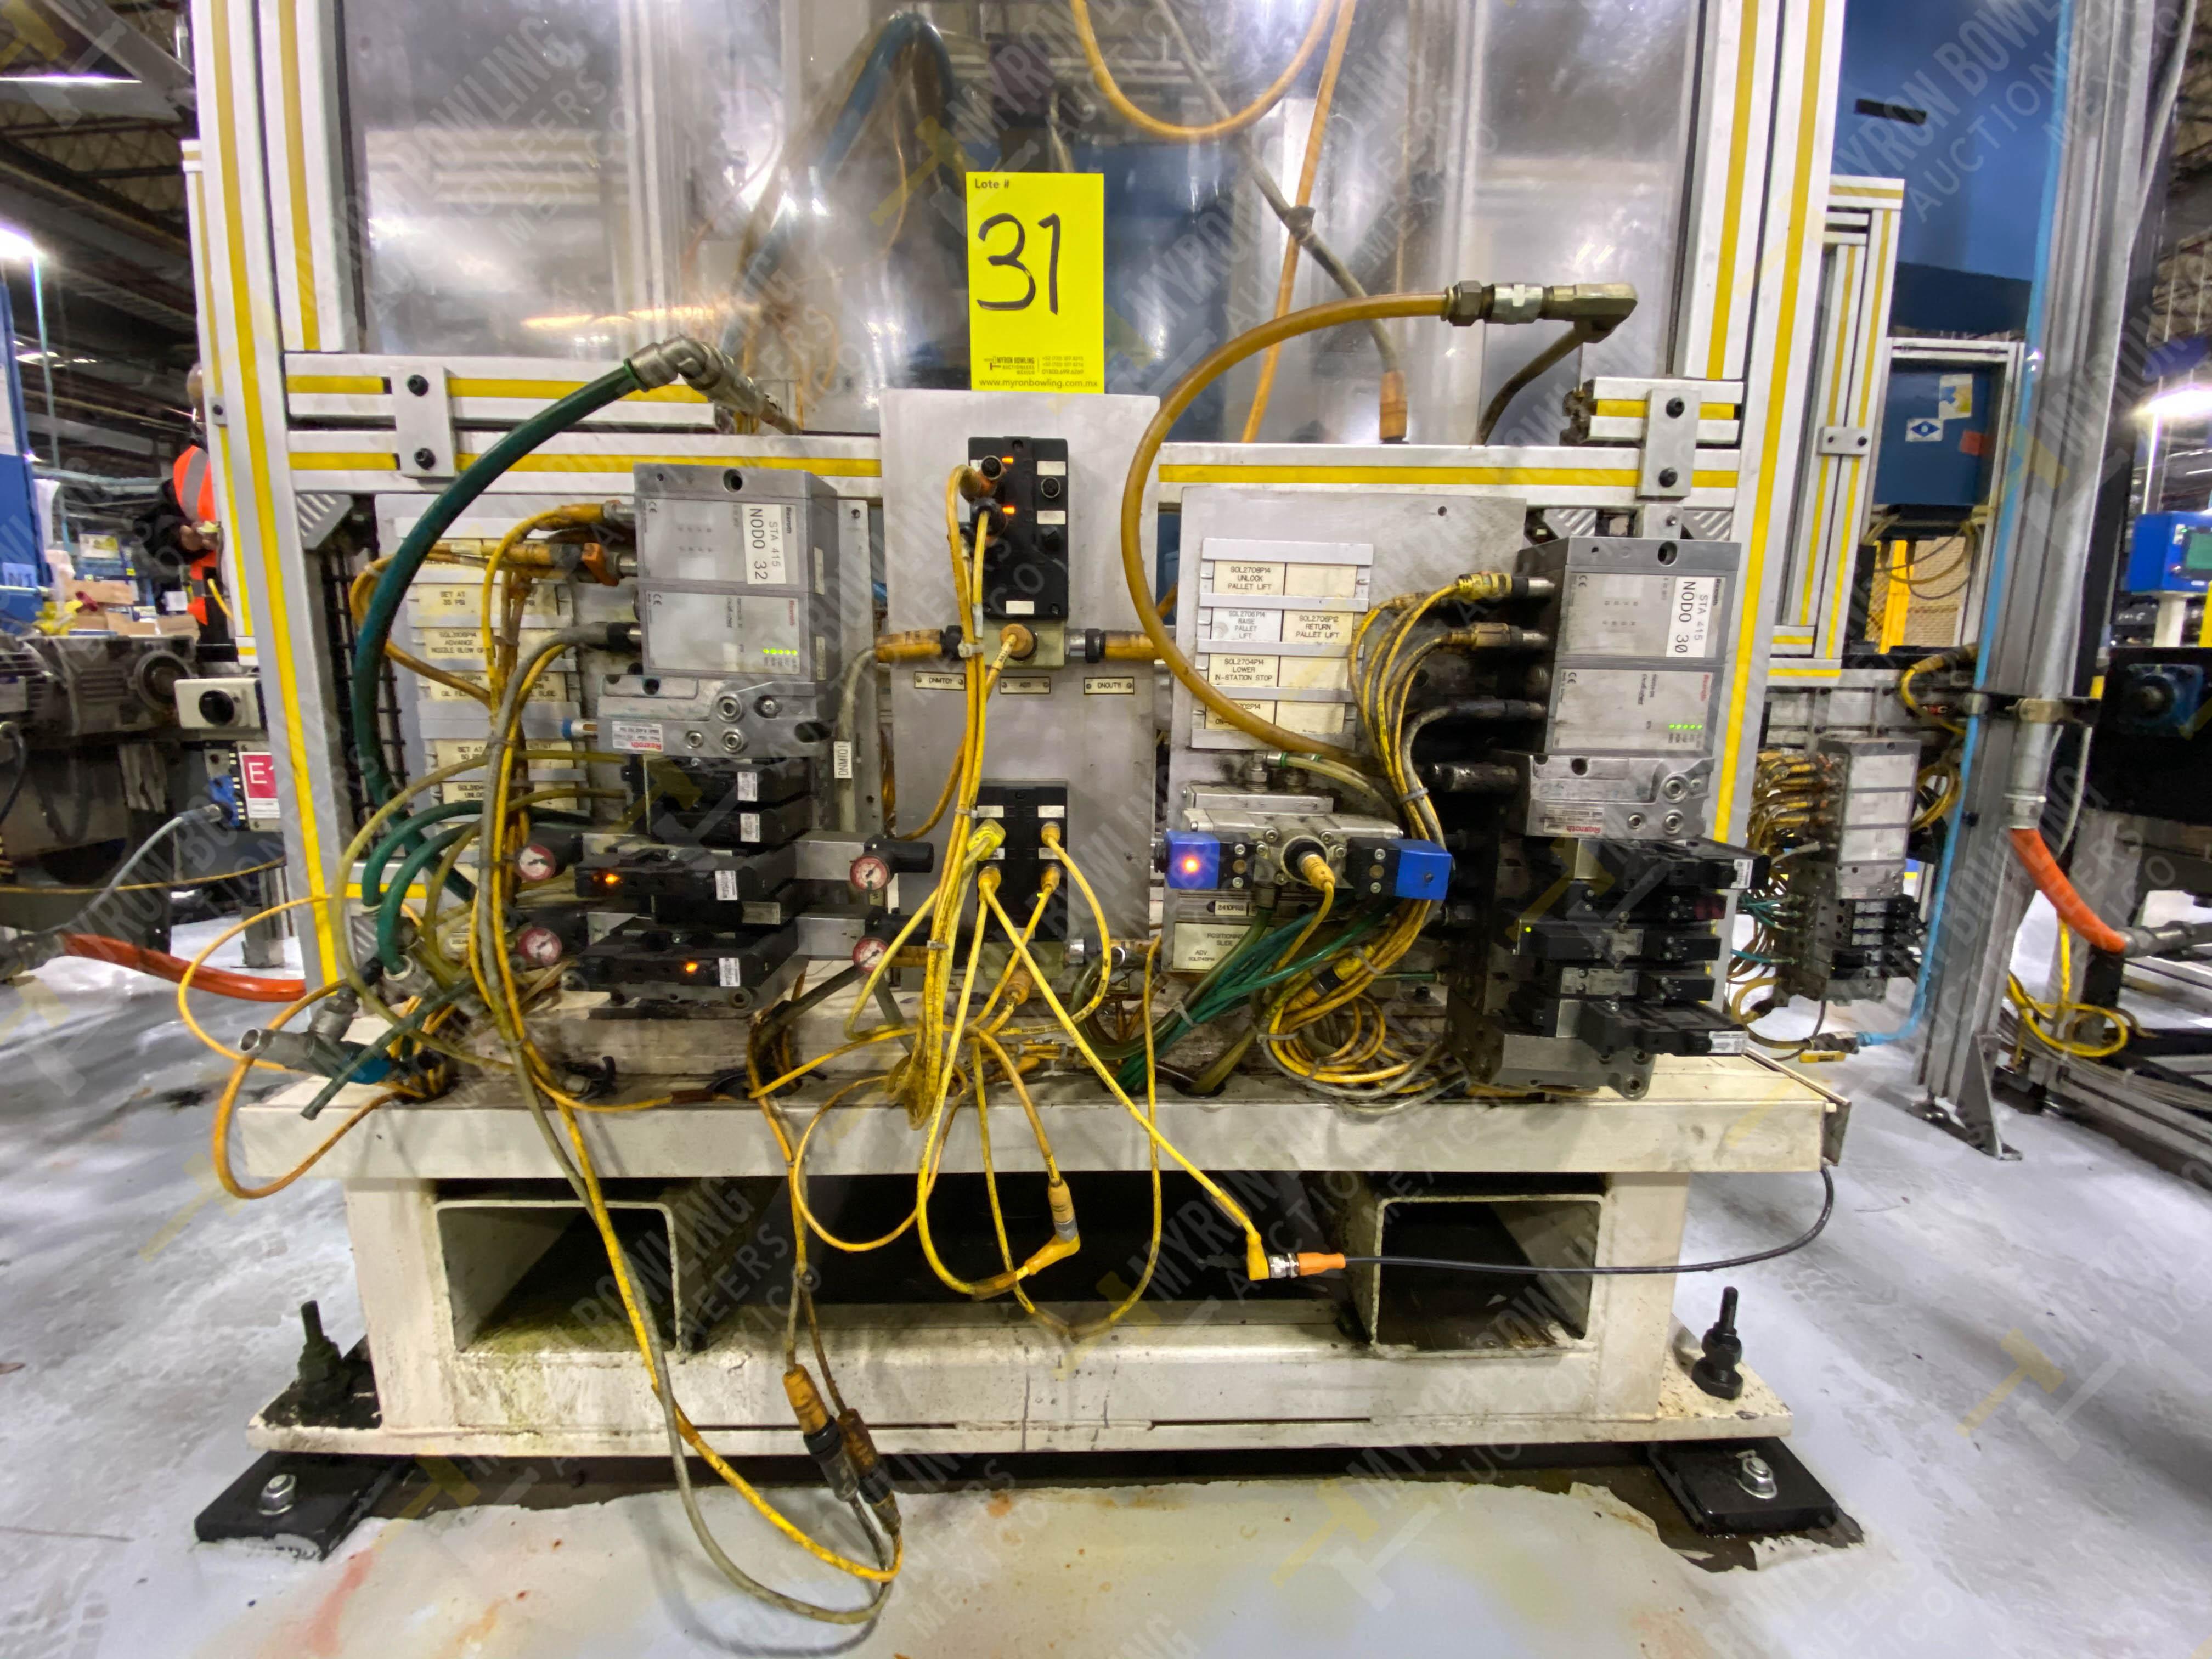 Estación semiautomática para operación 416, contiene: Sistema de llenado de aceite - Image 16 of 20